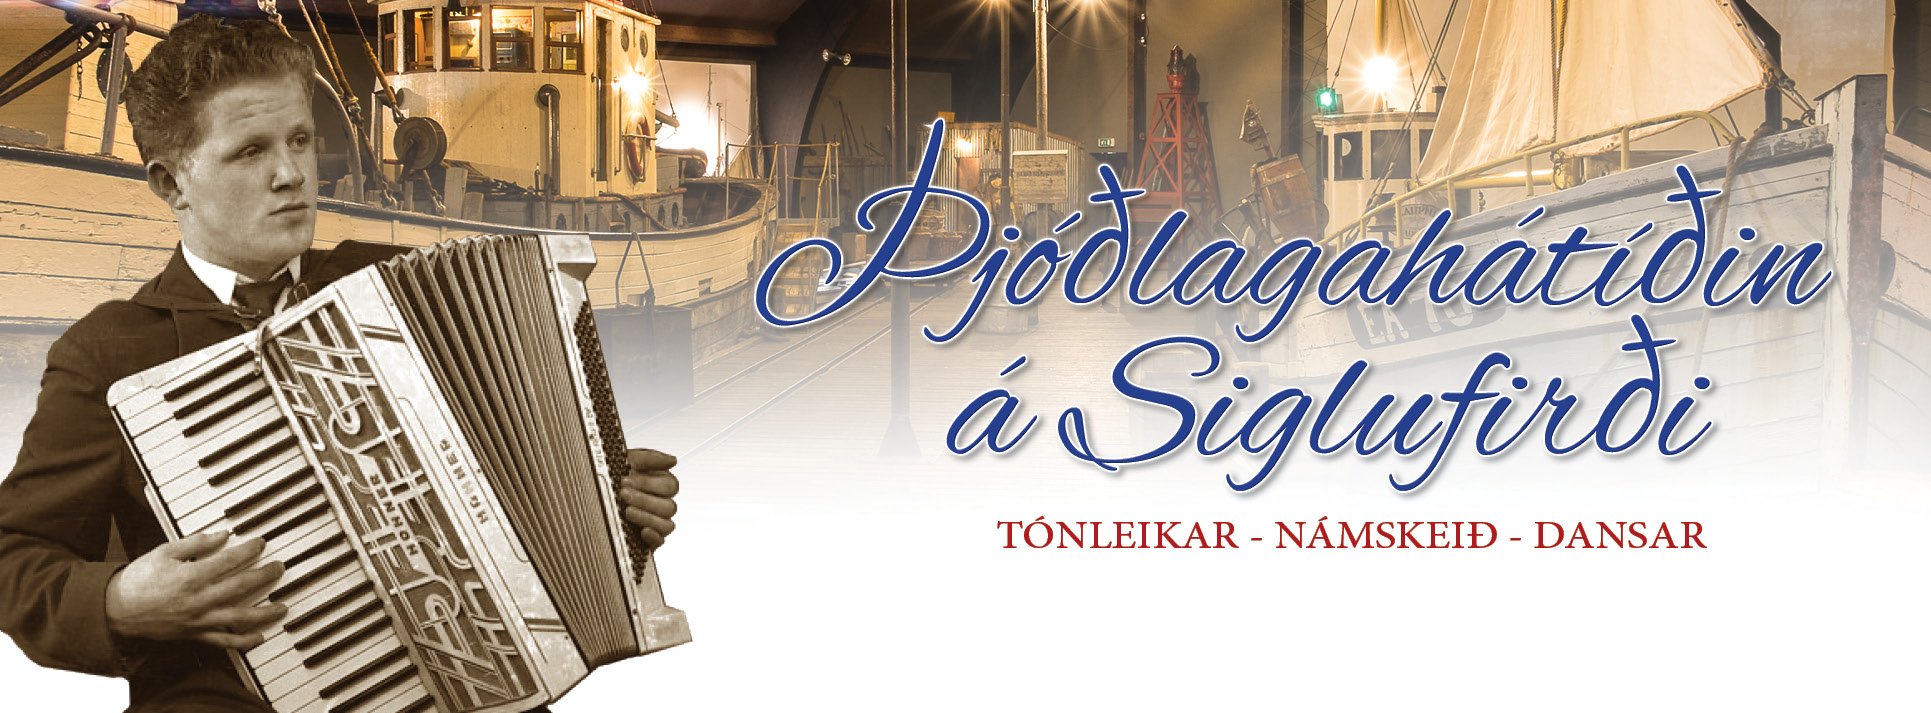 þjóðlagahátíð banner